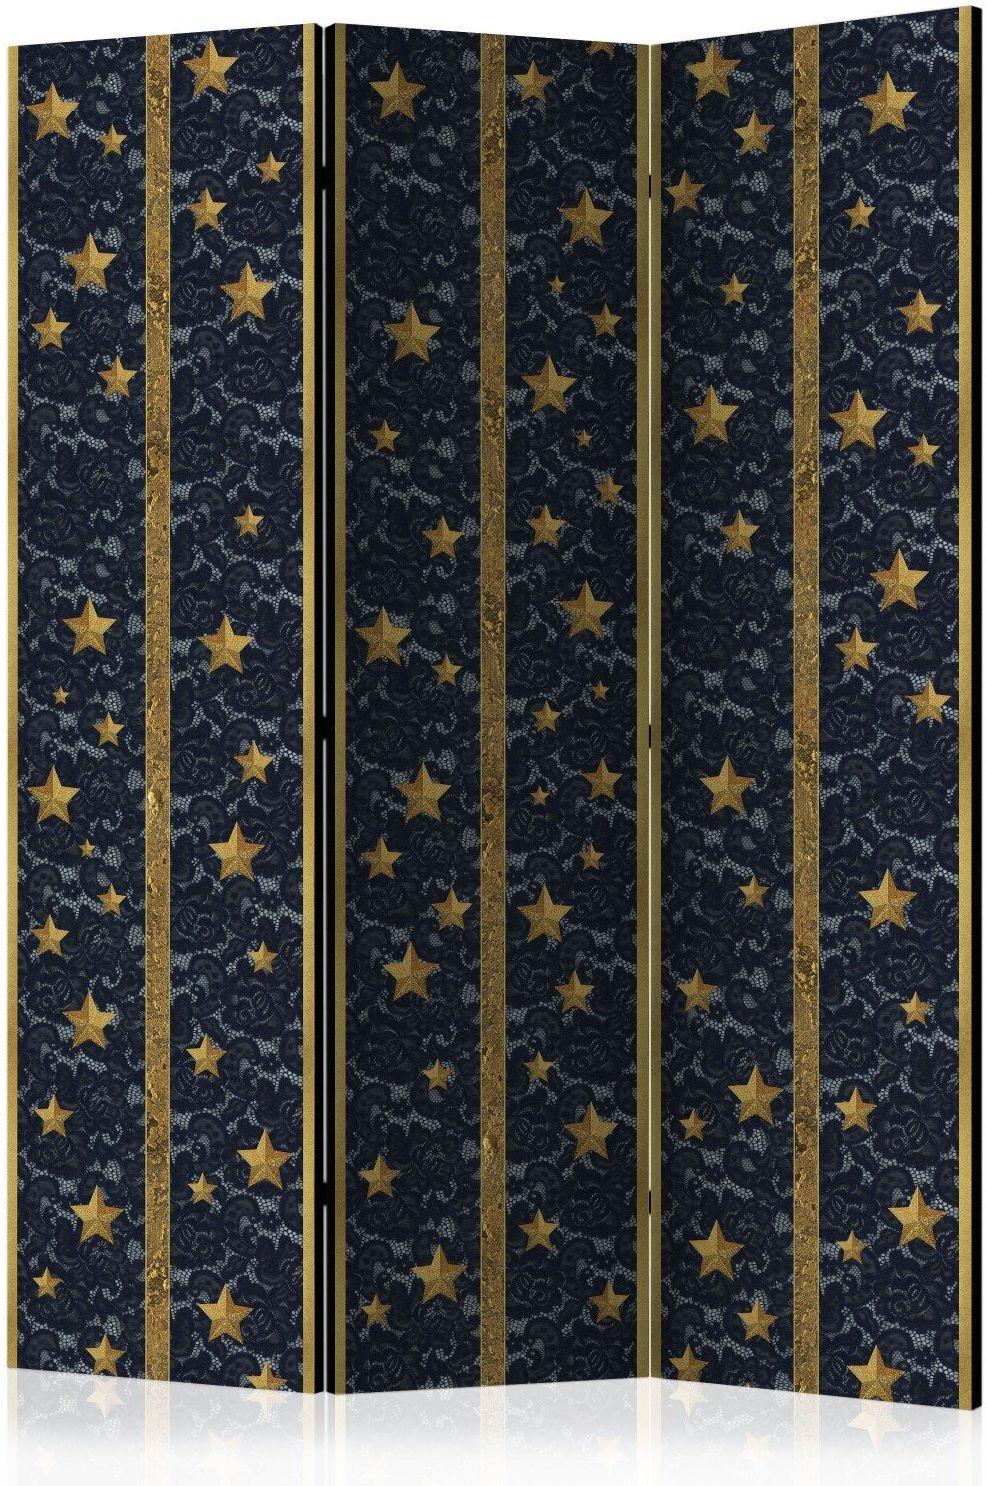 Parawan 3-częściowy - koronkowy gwiazdozbiór [room dividers]